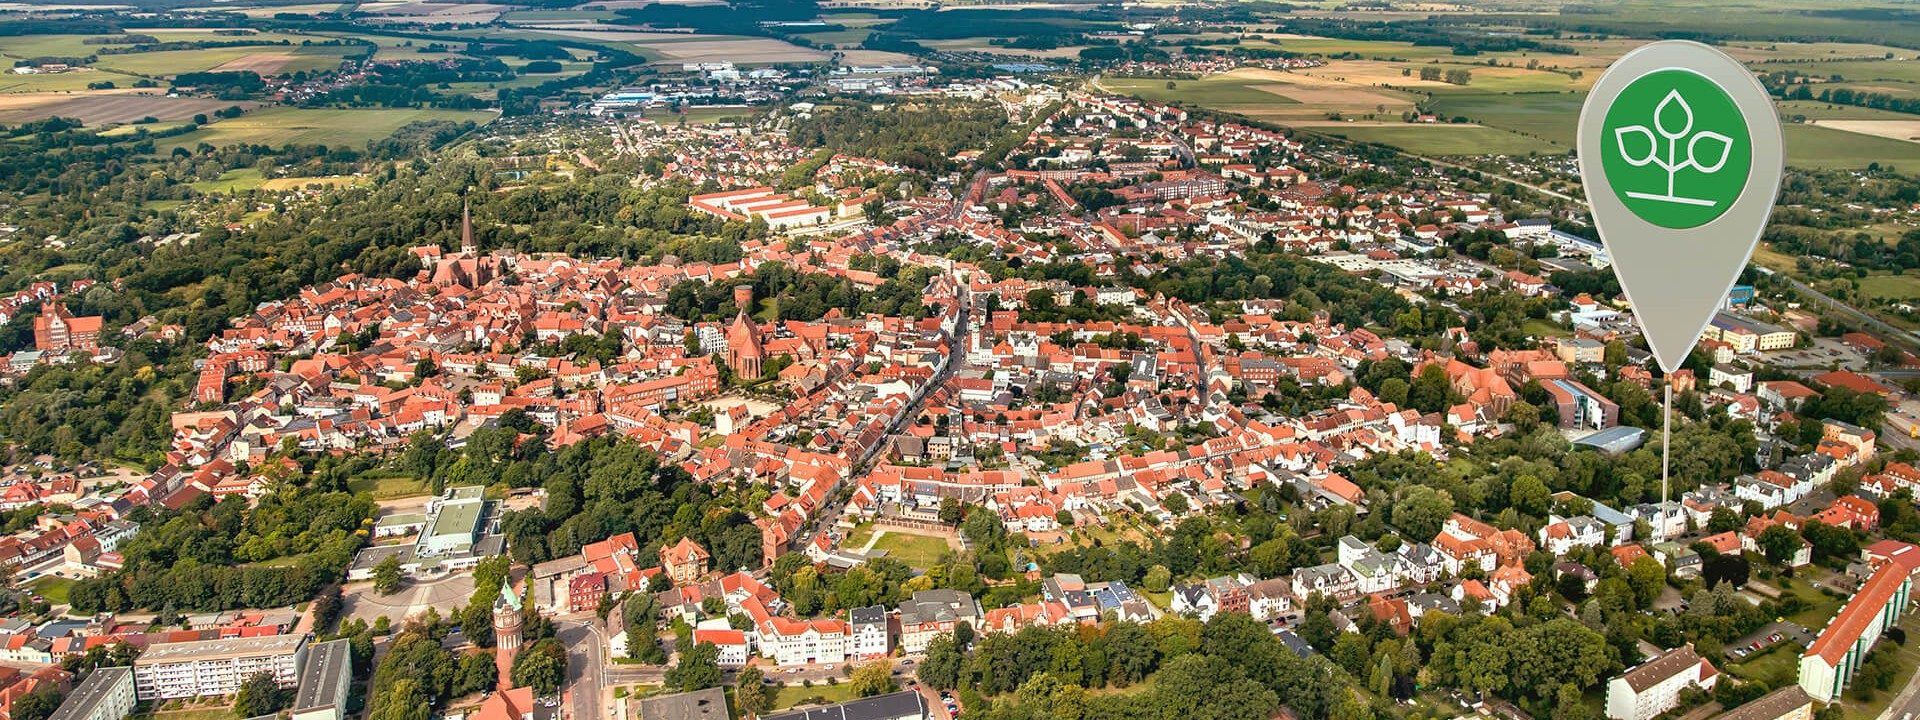 Luftbild von Salzwedel